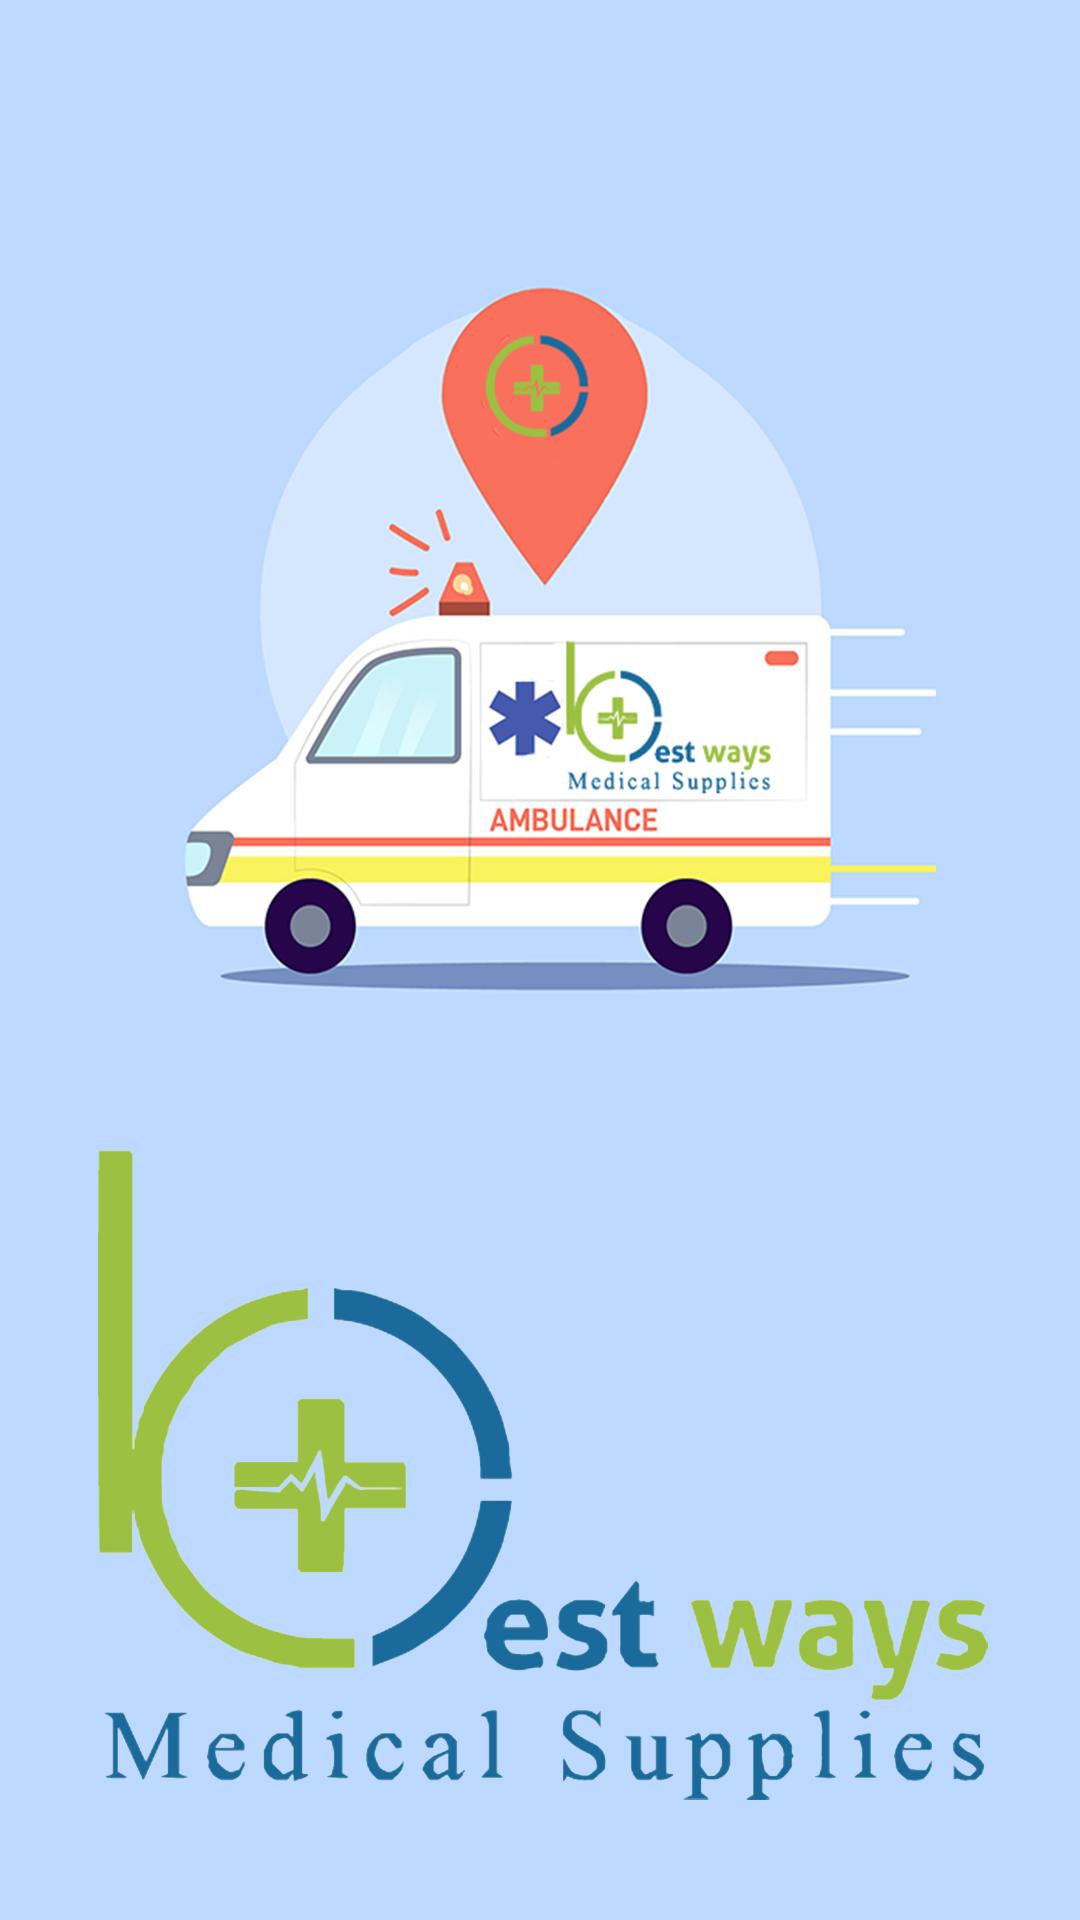 Bestways Ambulance